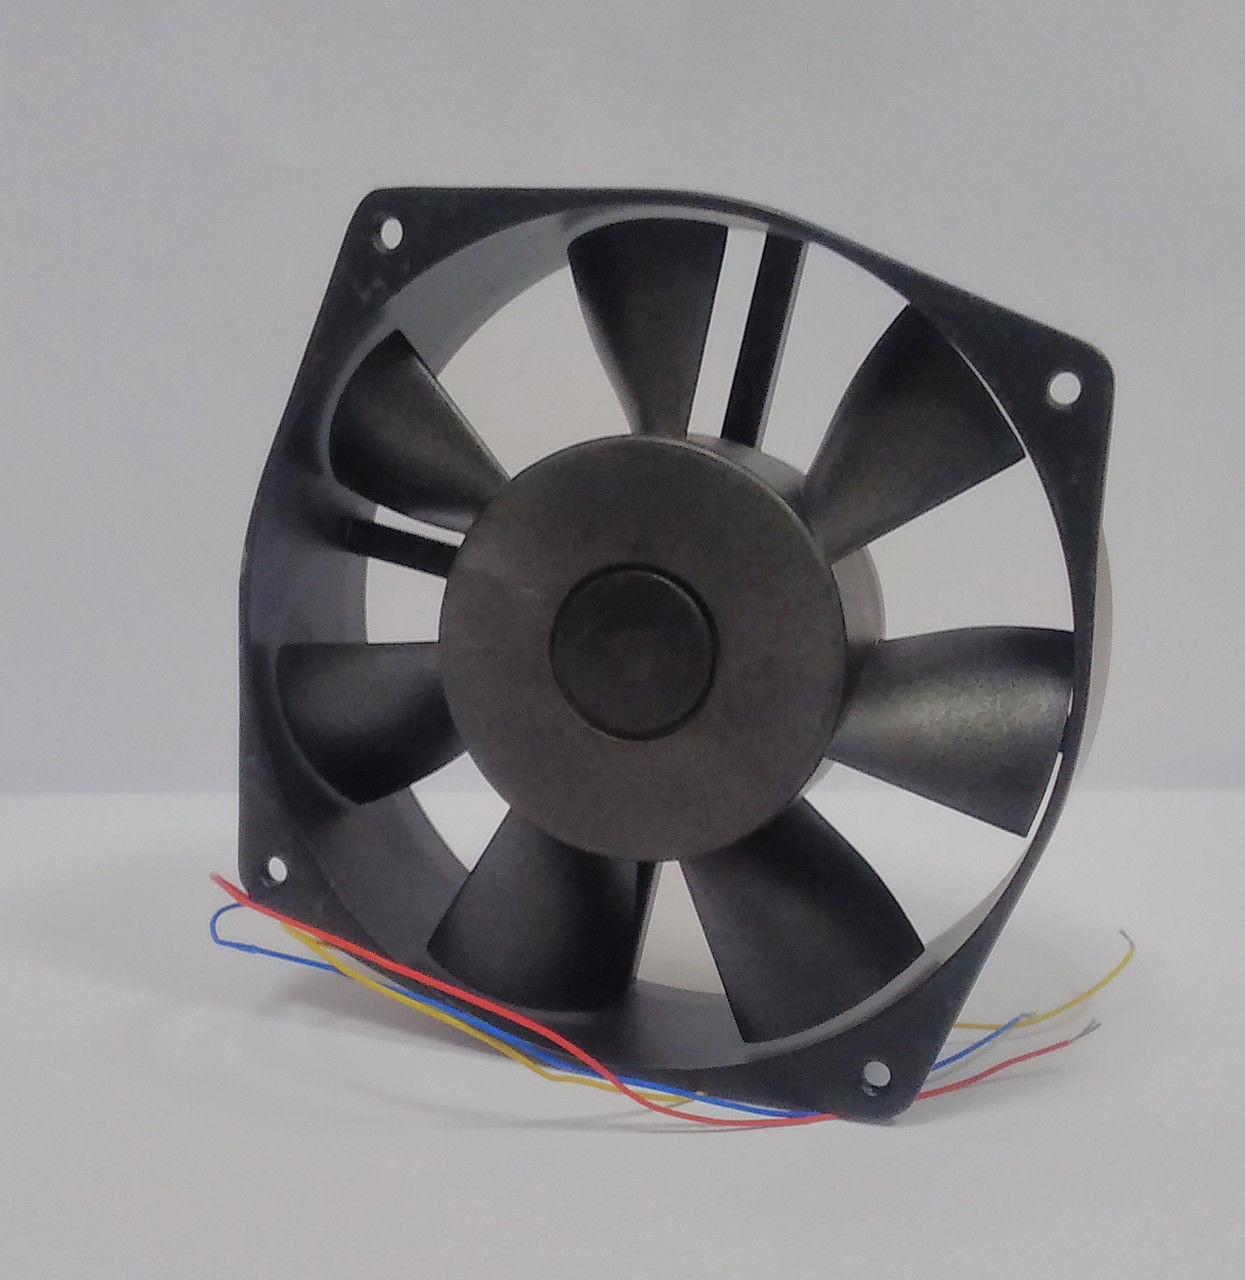 Вентилятор для зварювального апарату Poxipol 380V АС (157х157х50) 30 Вт